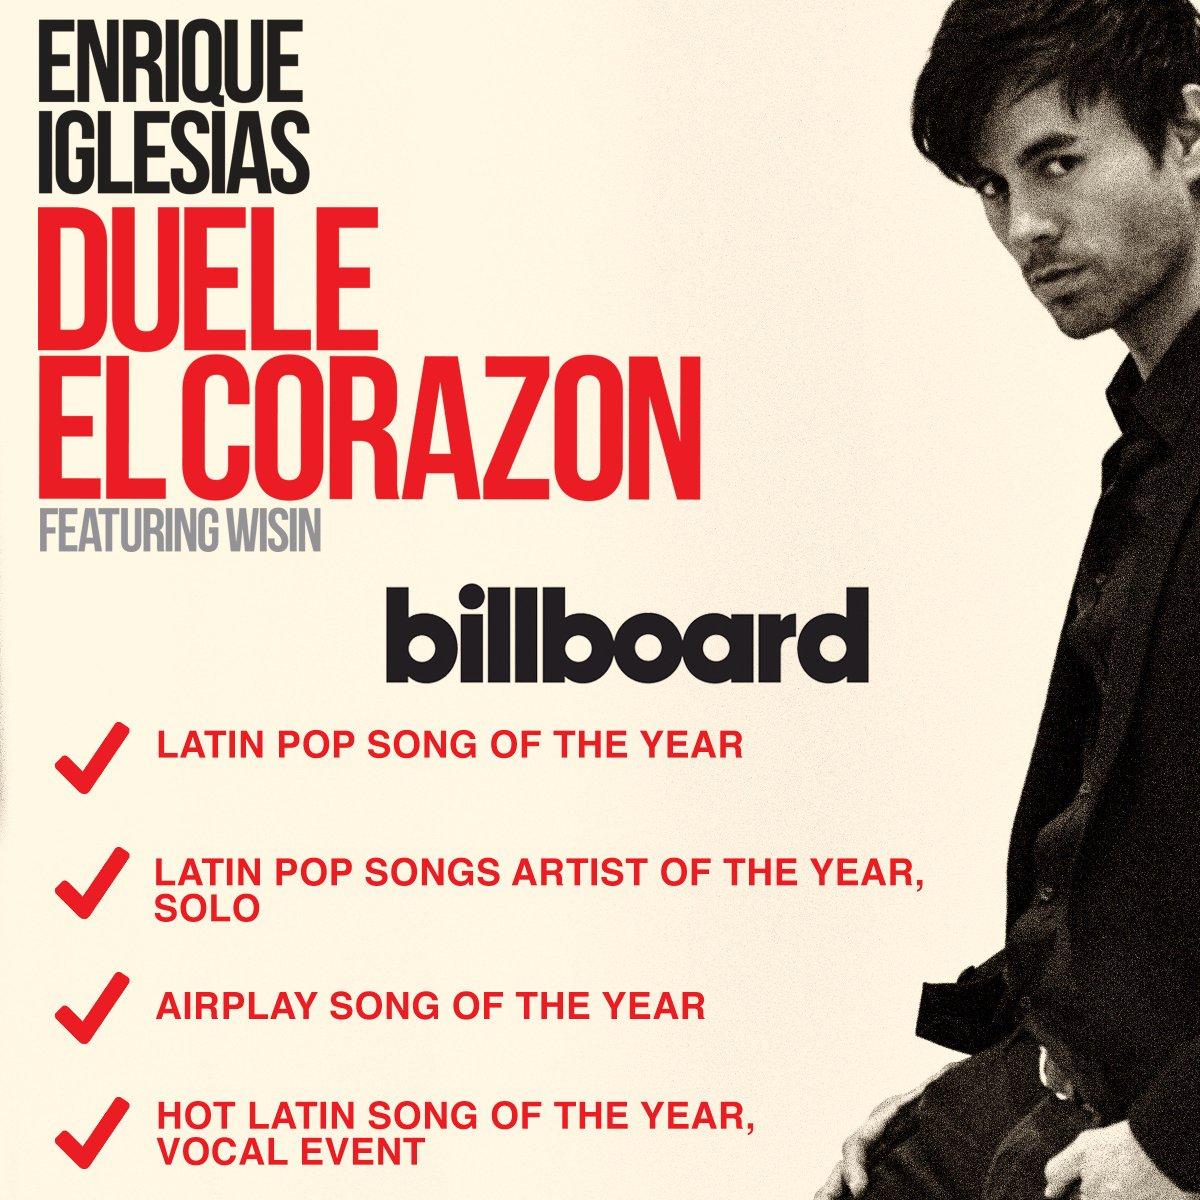 I Like It Enrique Iglesias: Enrique Iglesias (@enriqueiglesias)